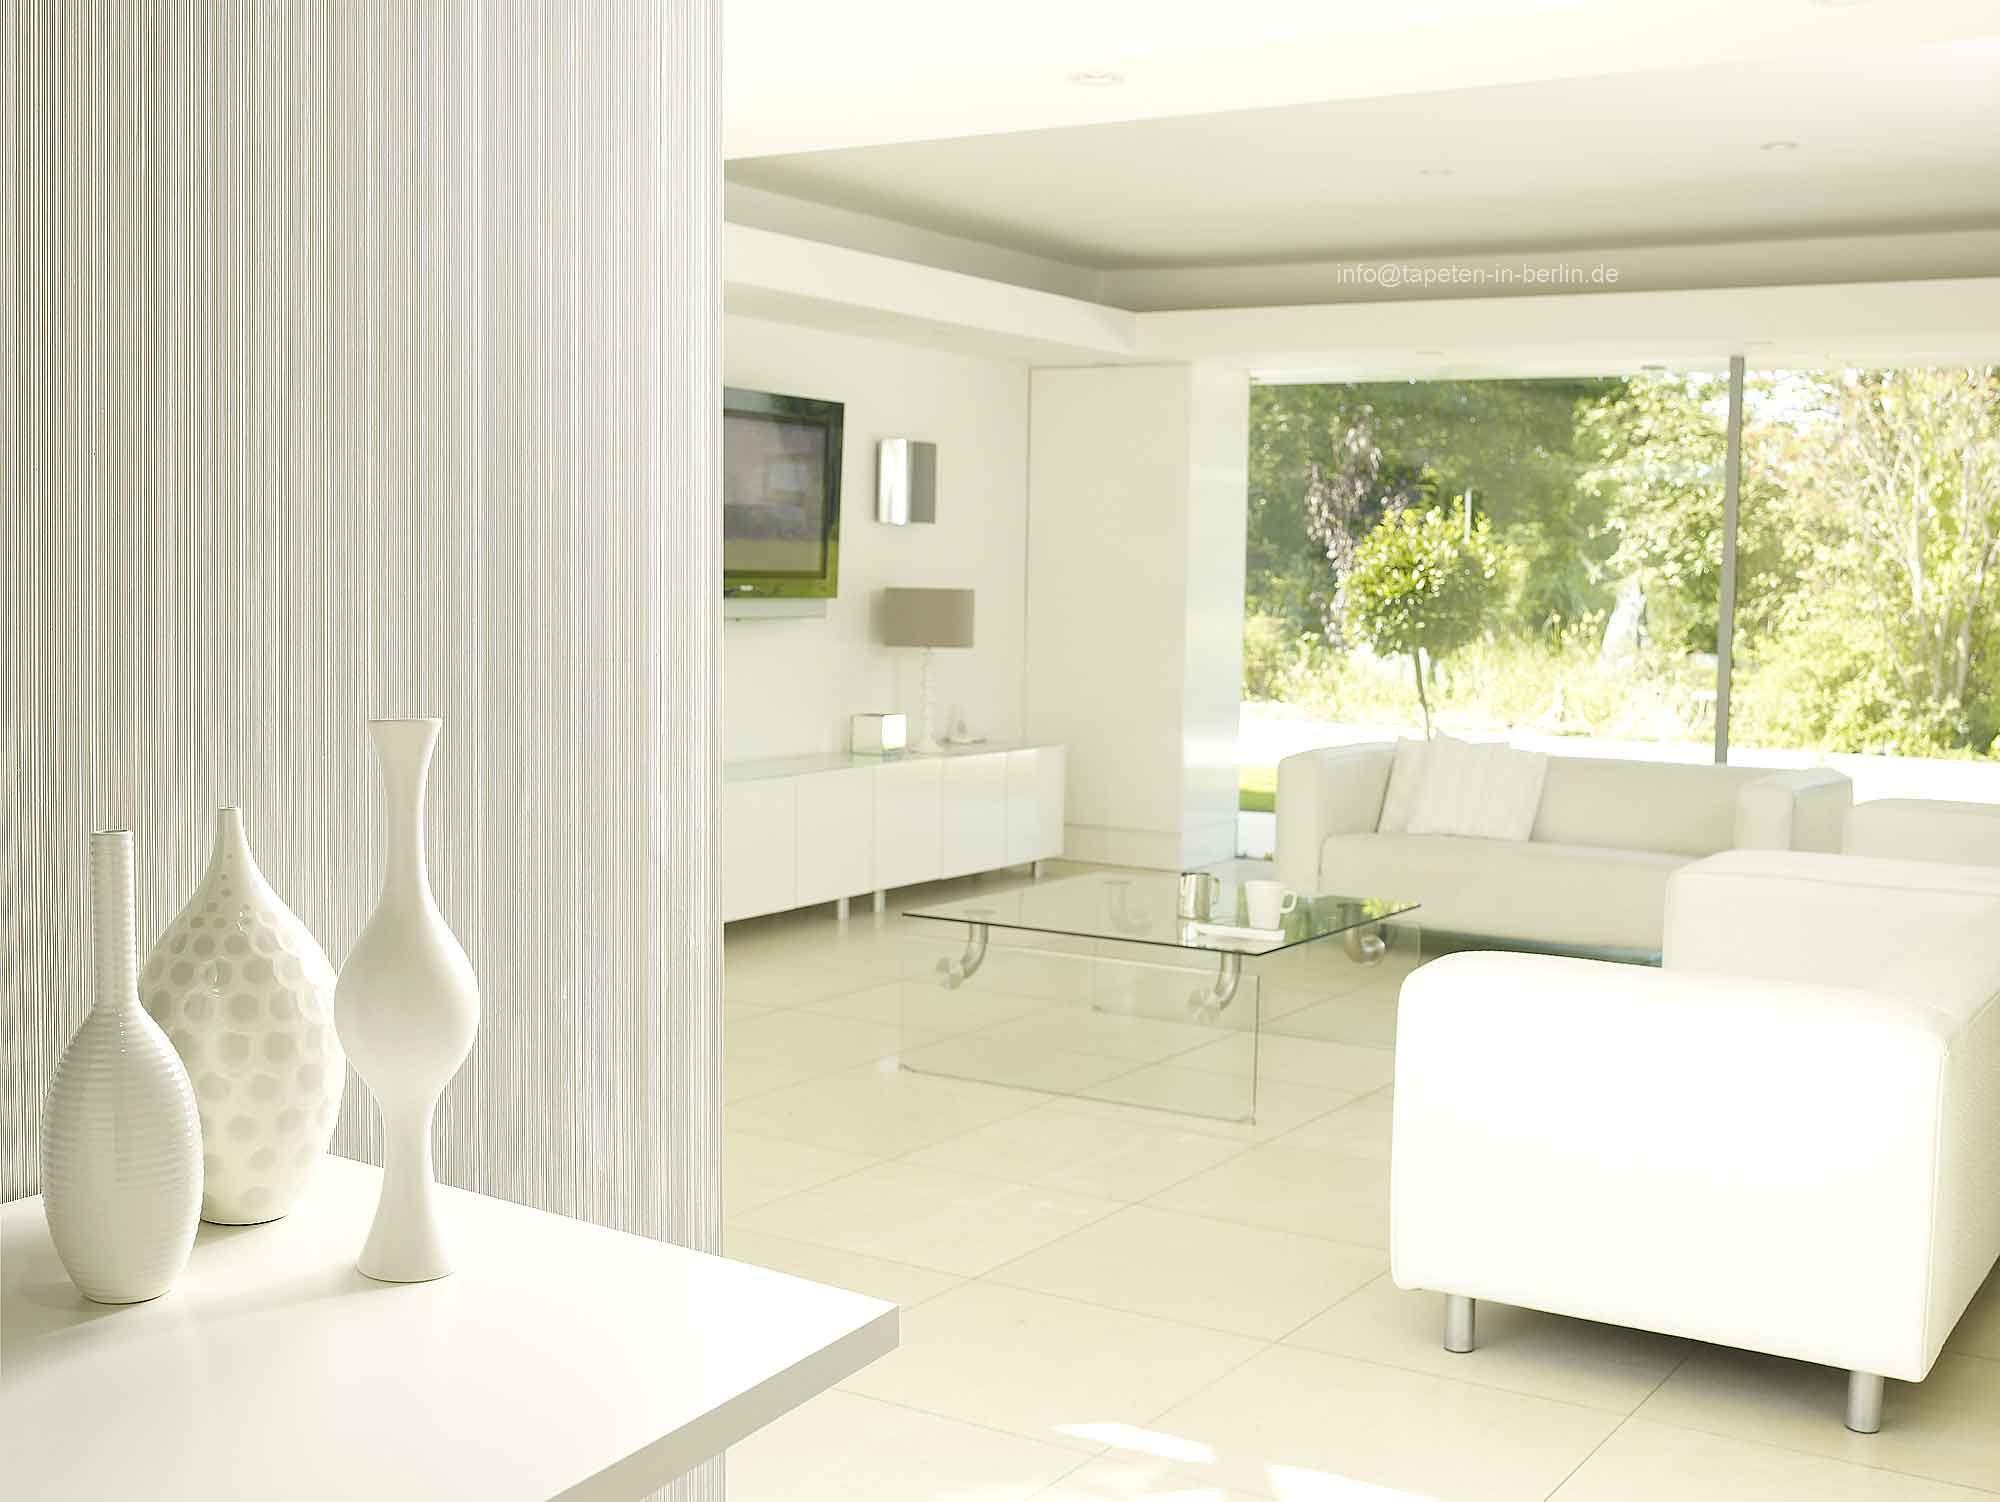 wohnzimmer tapeten weiß | Wohnzimmer Wände Streichen Ideen ...